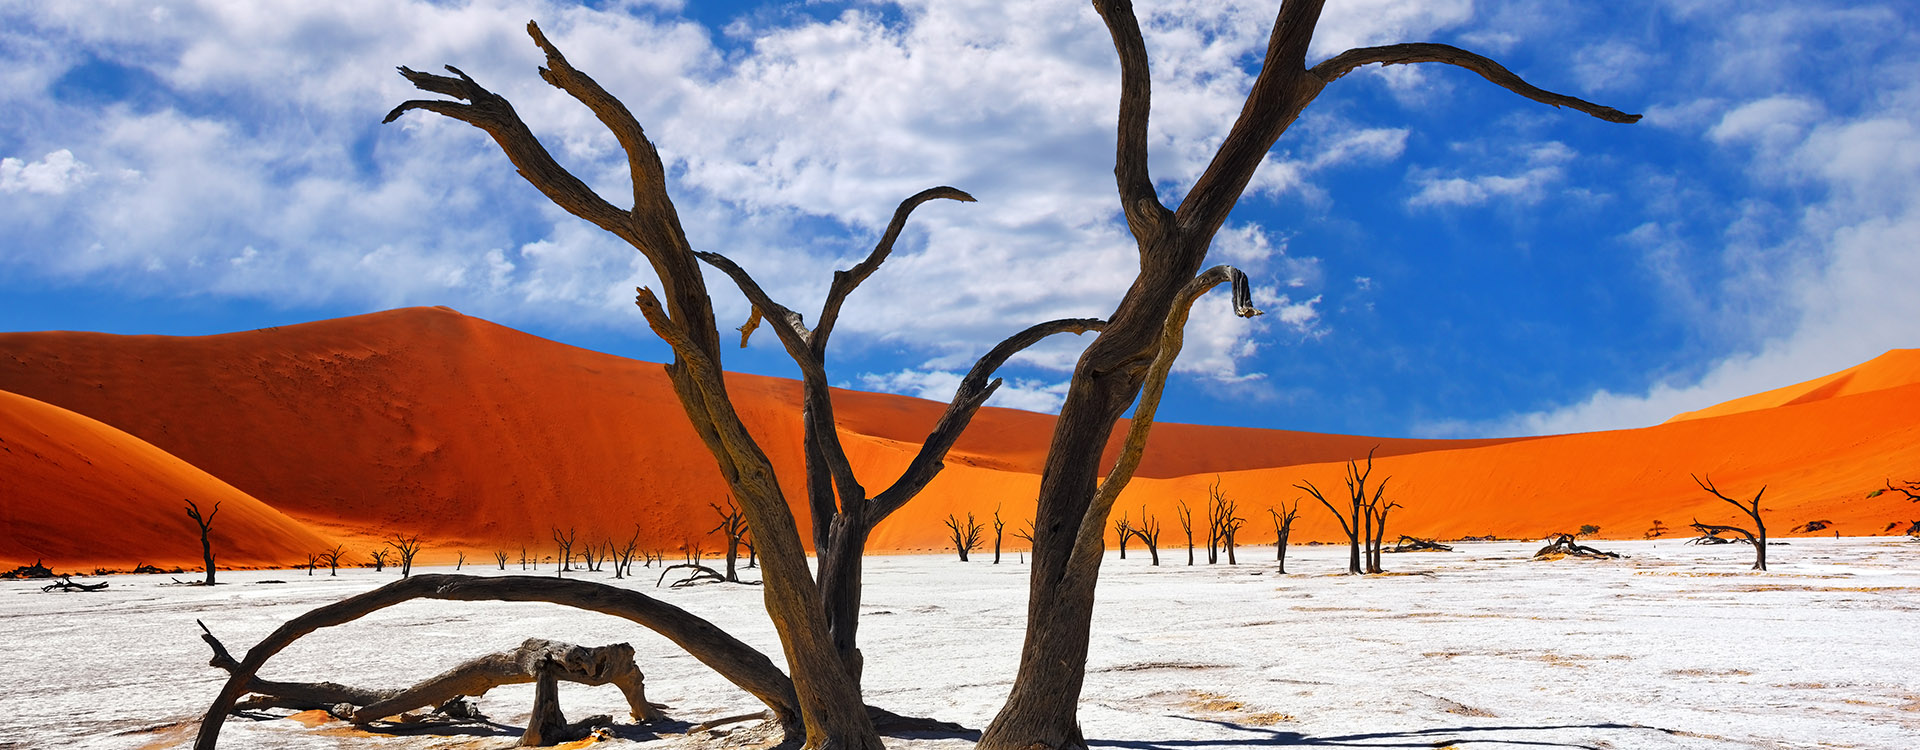 Namib-Naukluft National Park, Namibia, Africa